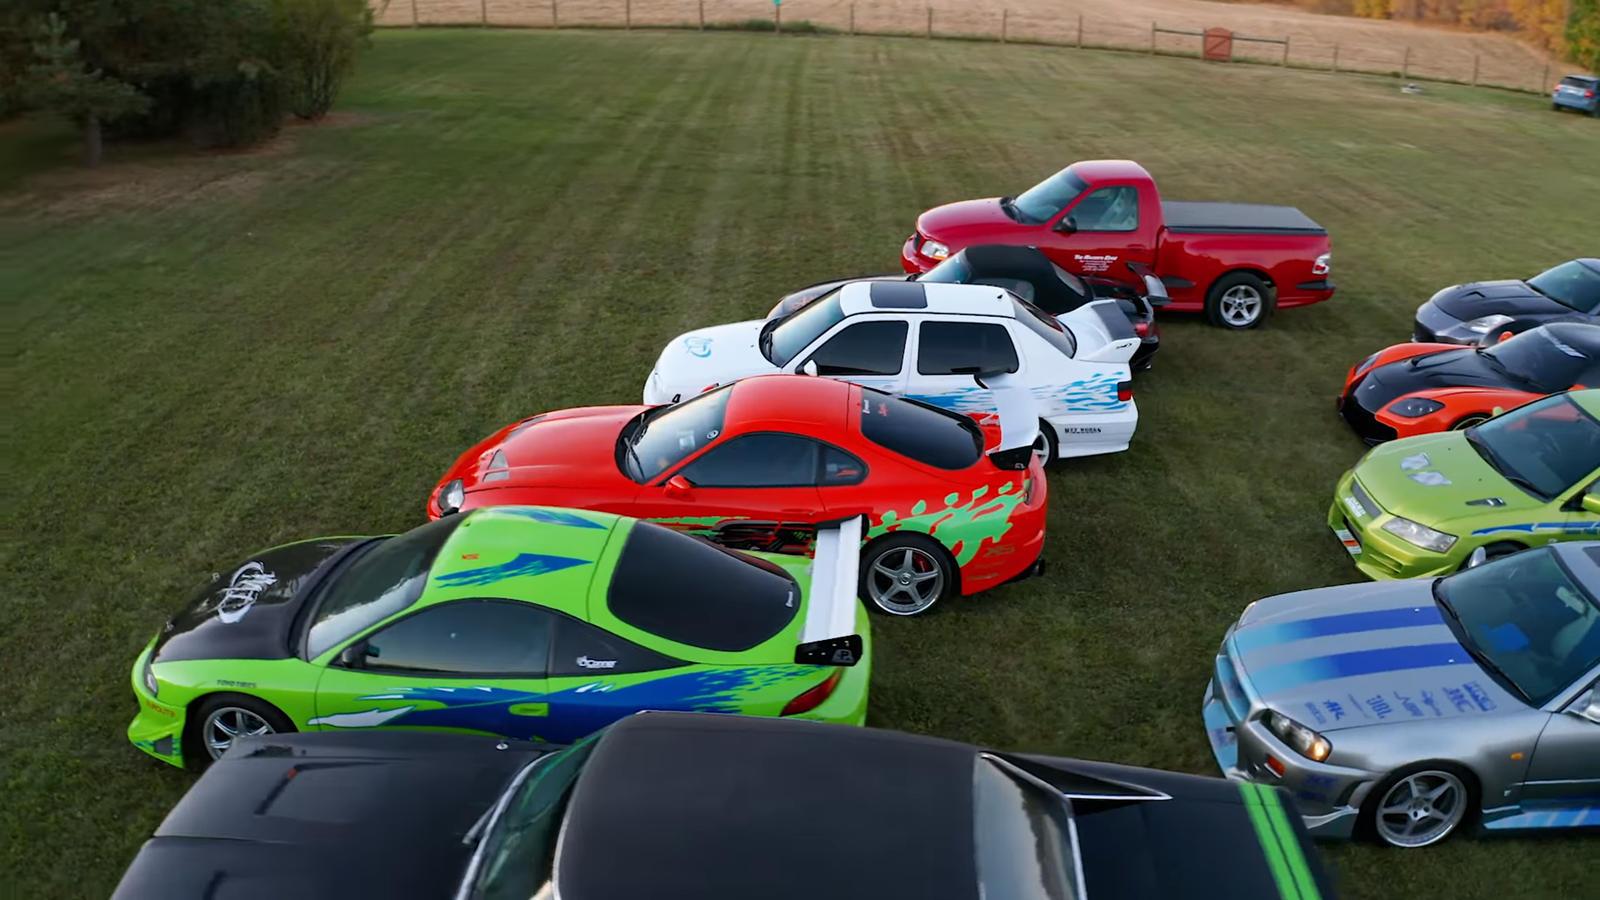 Однако этот парень должен быть самым большим фанатом «Форсаж», которого мы когда-либо видели. Знакомьтесь, Хорхе, владелец крупнейшей в мире коллекции автомобилей франшизы.